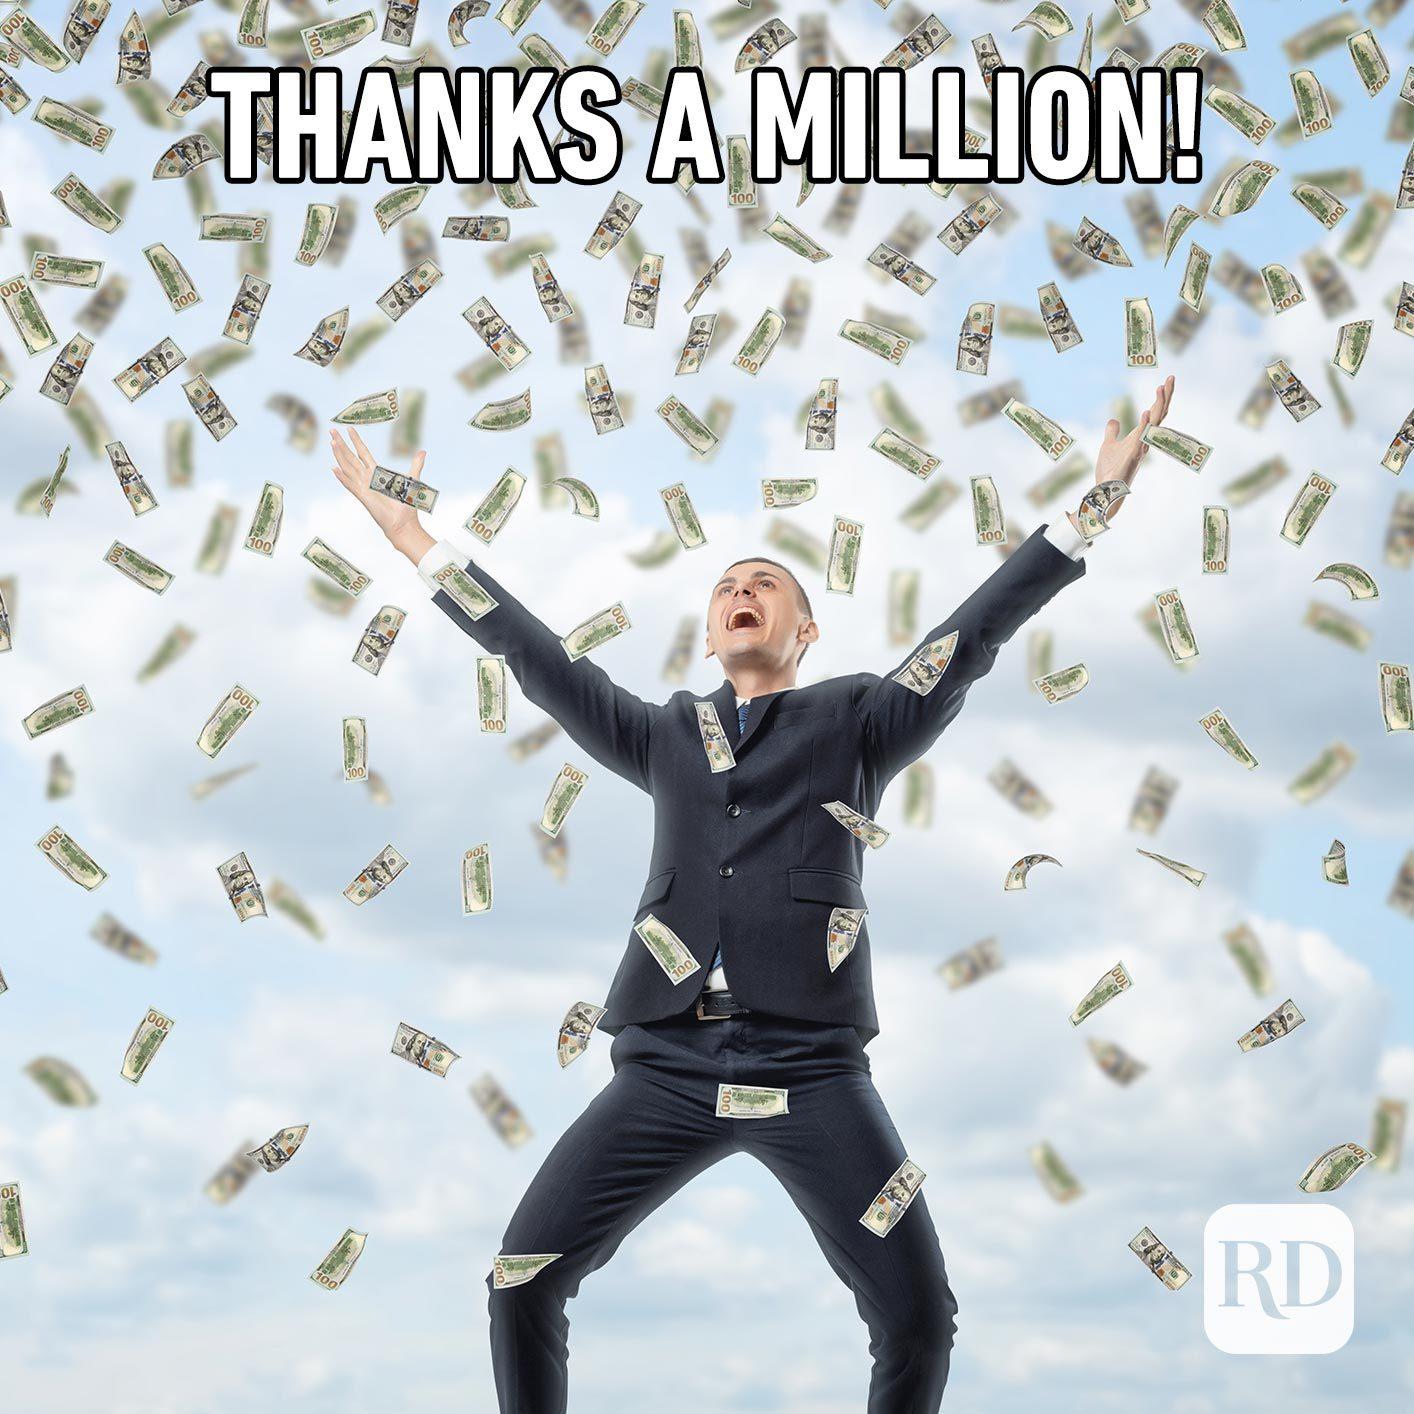 Man throwing a ton of money. Meme text: Thanks a million!